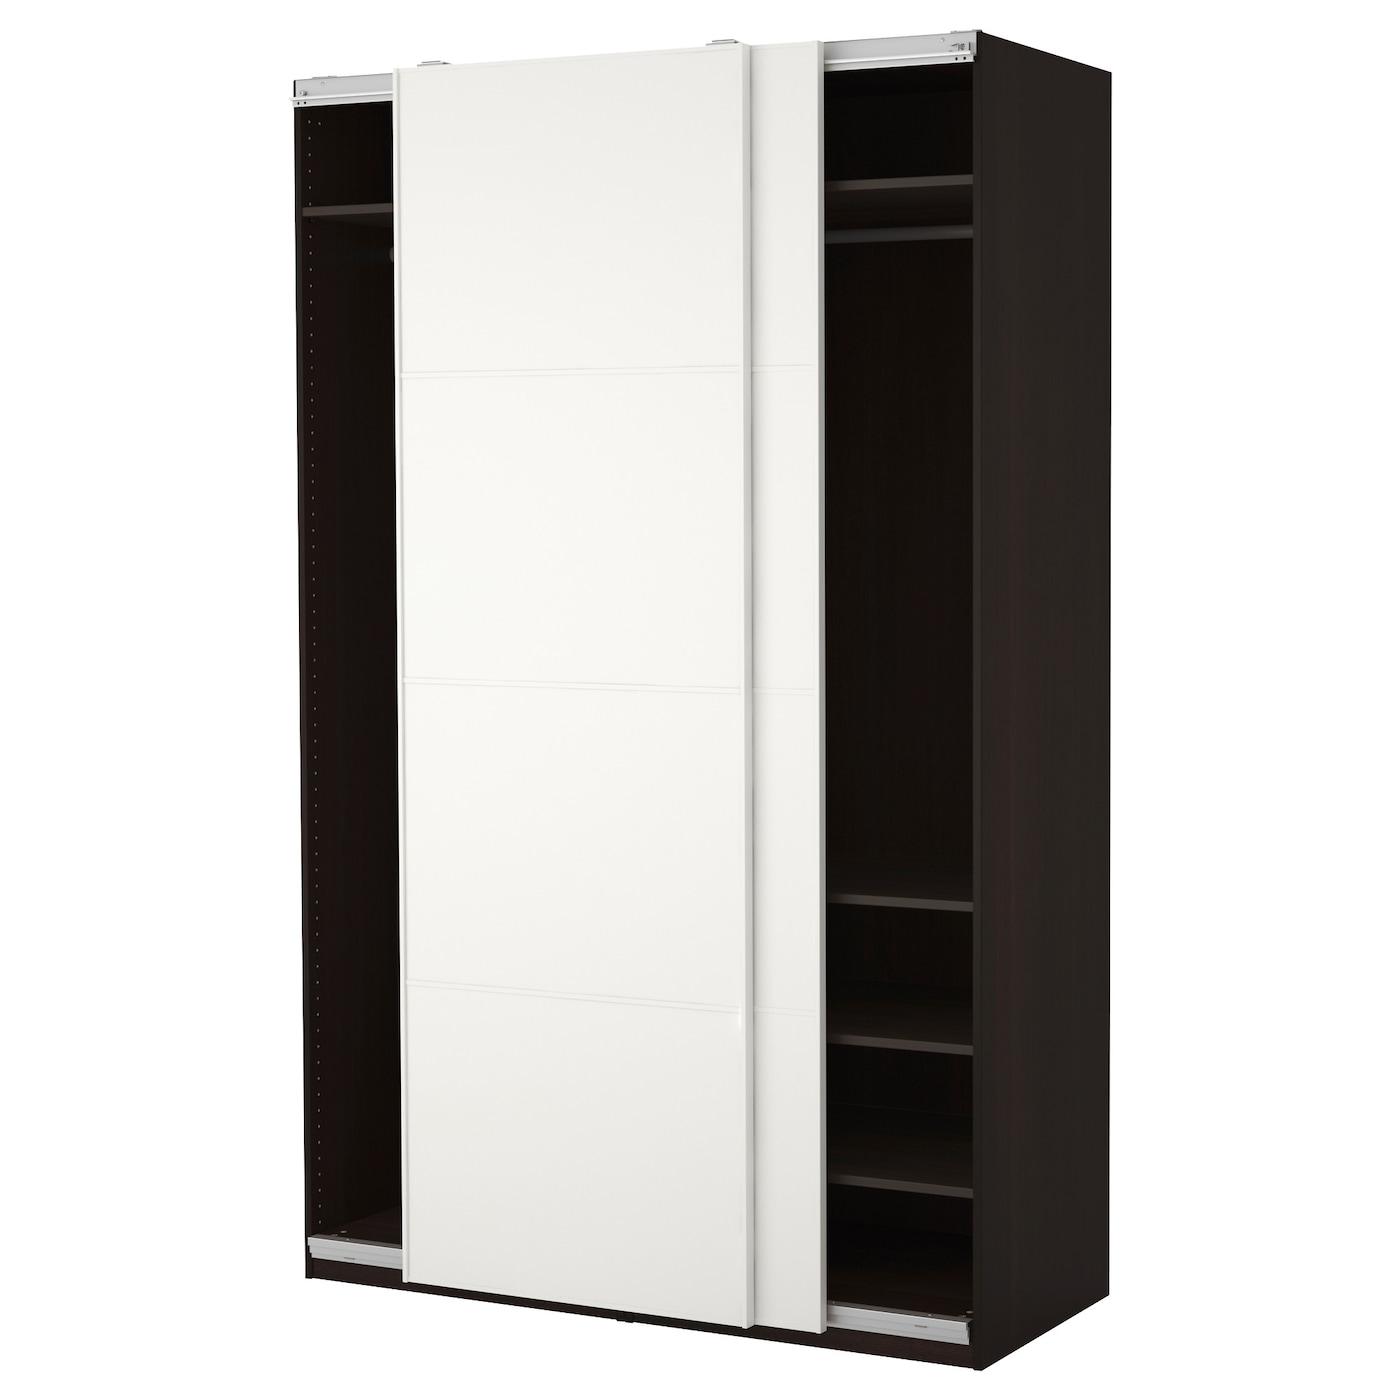 pax combinaisons avec portes ikea. Black Bedroom Furniture Sets. Home Design Ideas